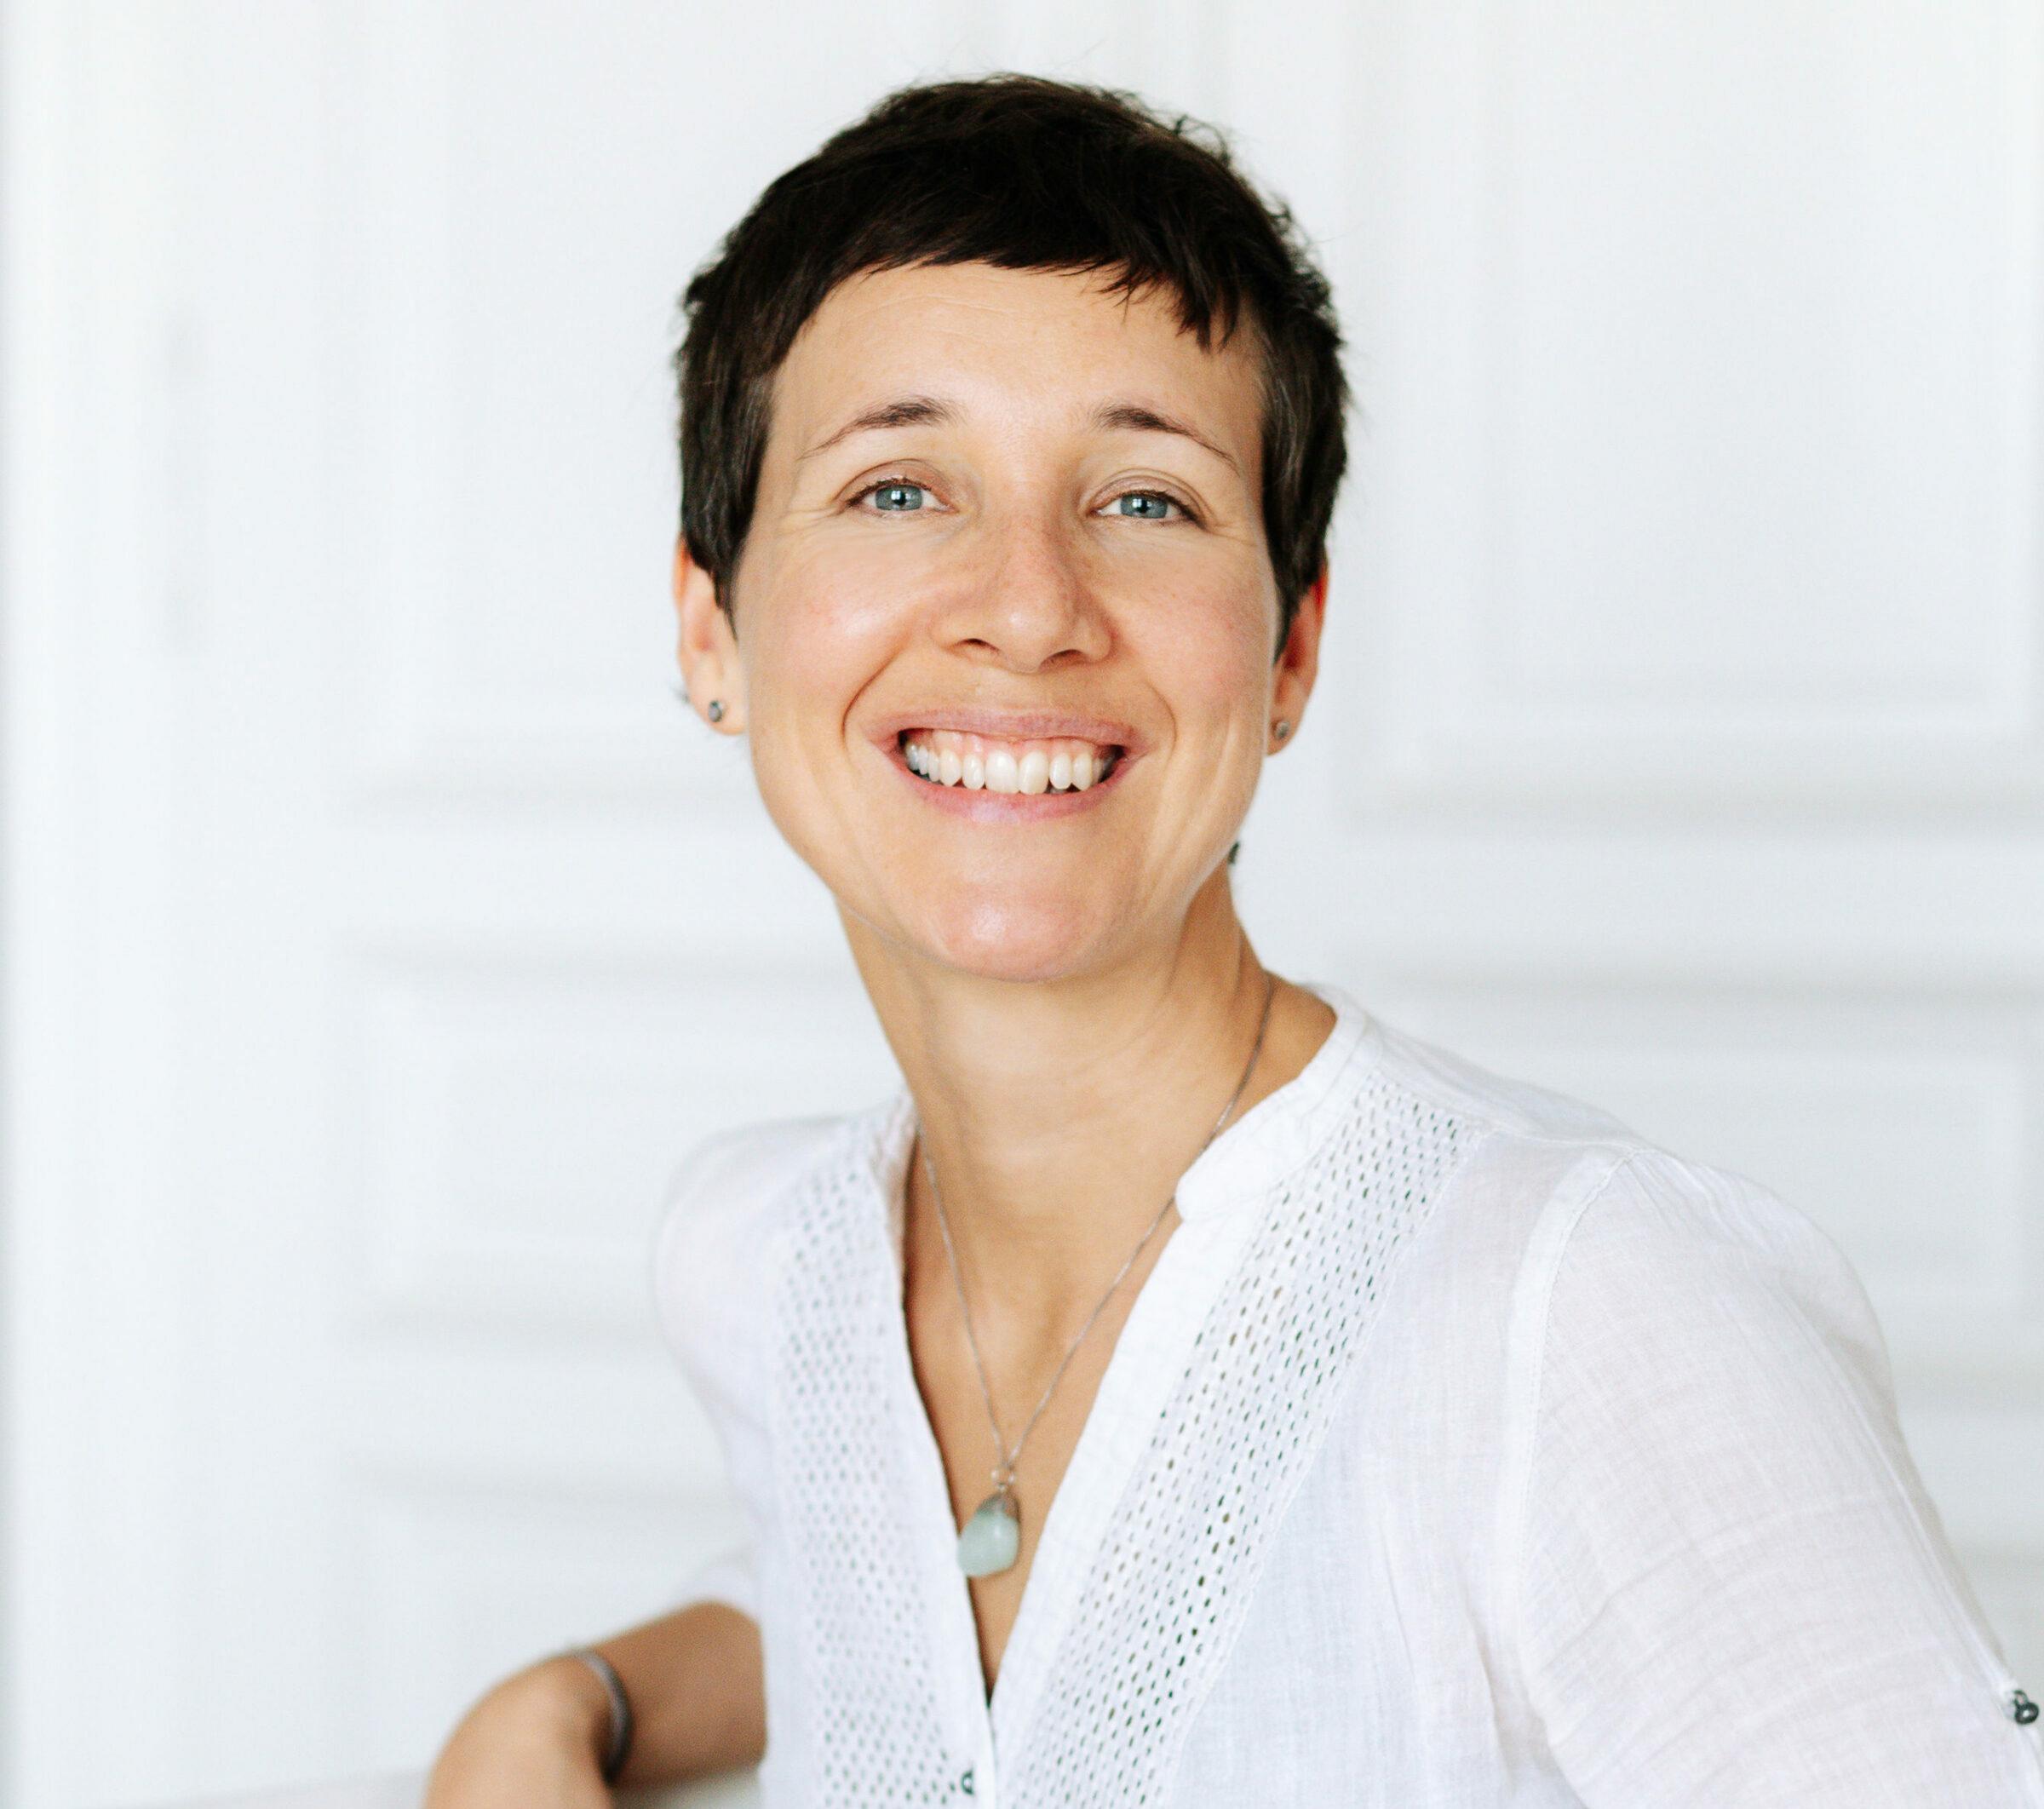 Portraitfoto von Elisabeth Mitterrutzner - Kundalini Yoga und Meditation Lehrerin im RE:TREAT